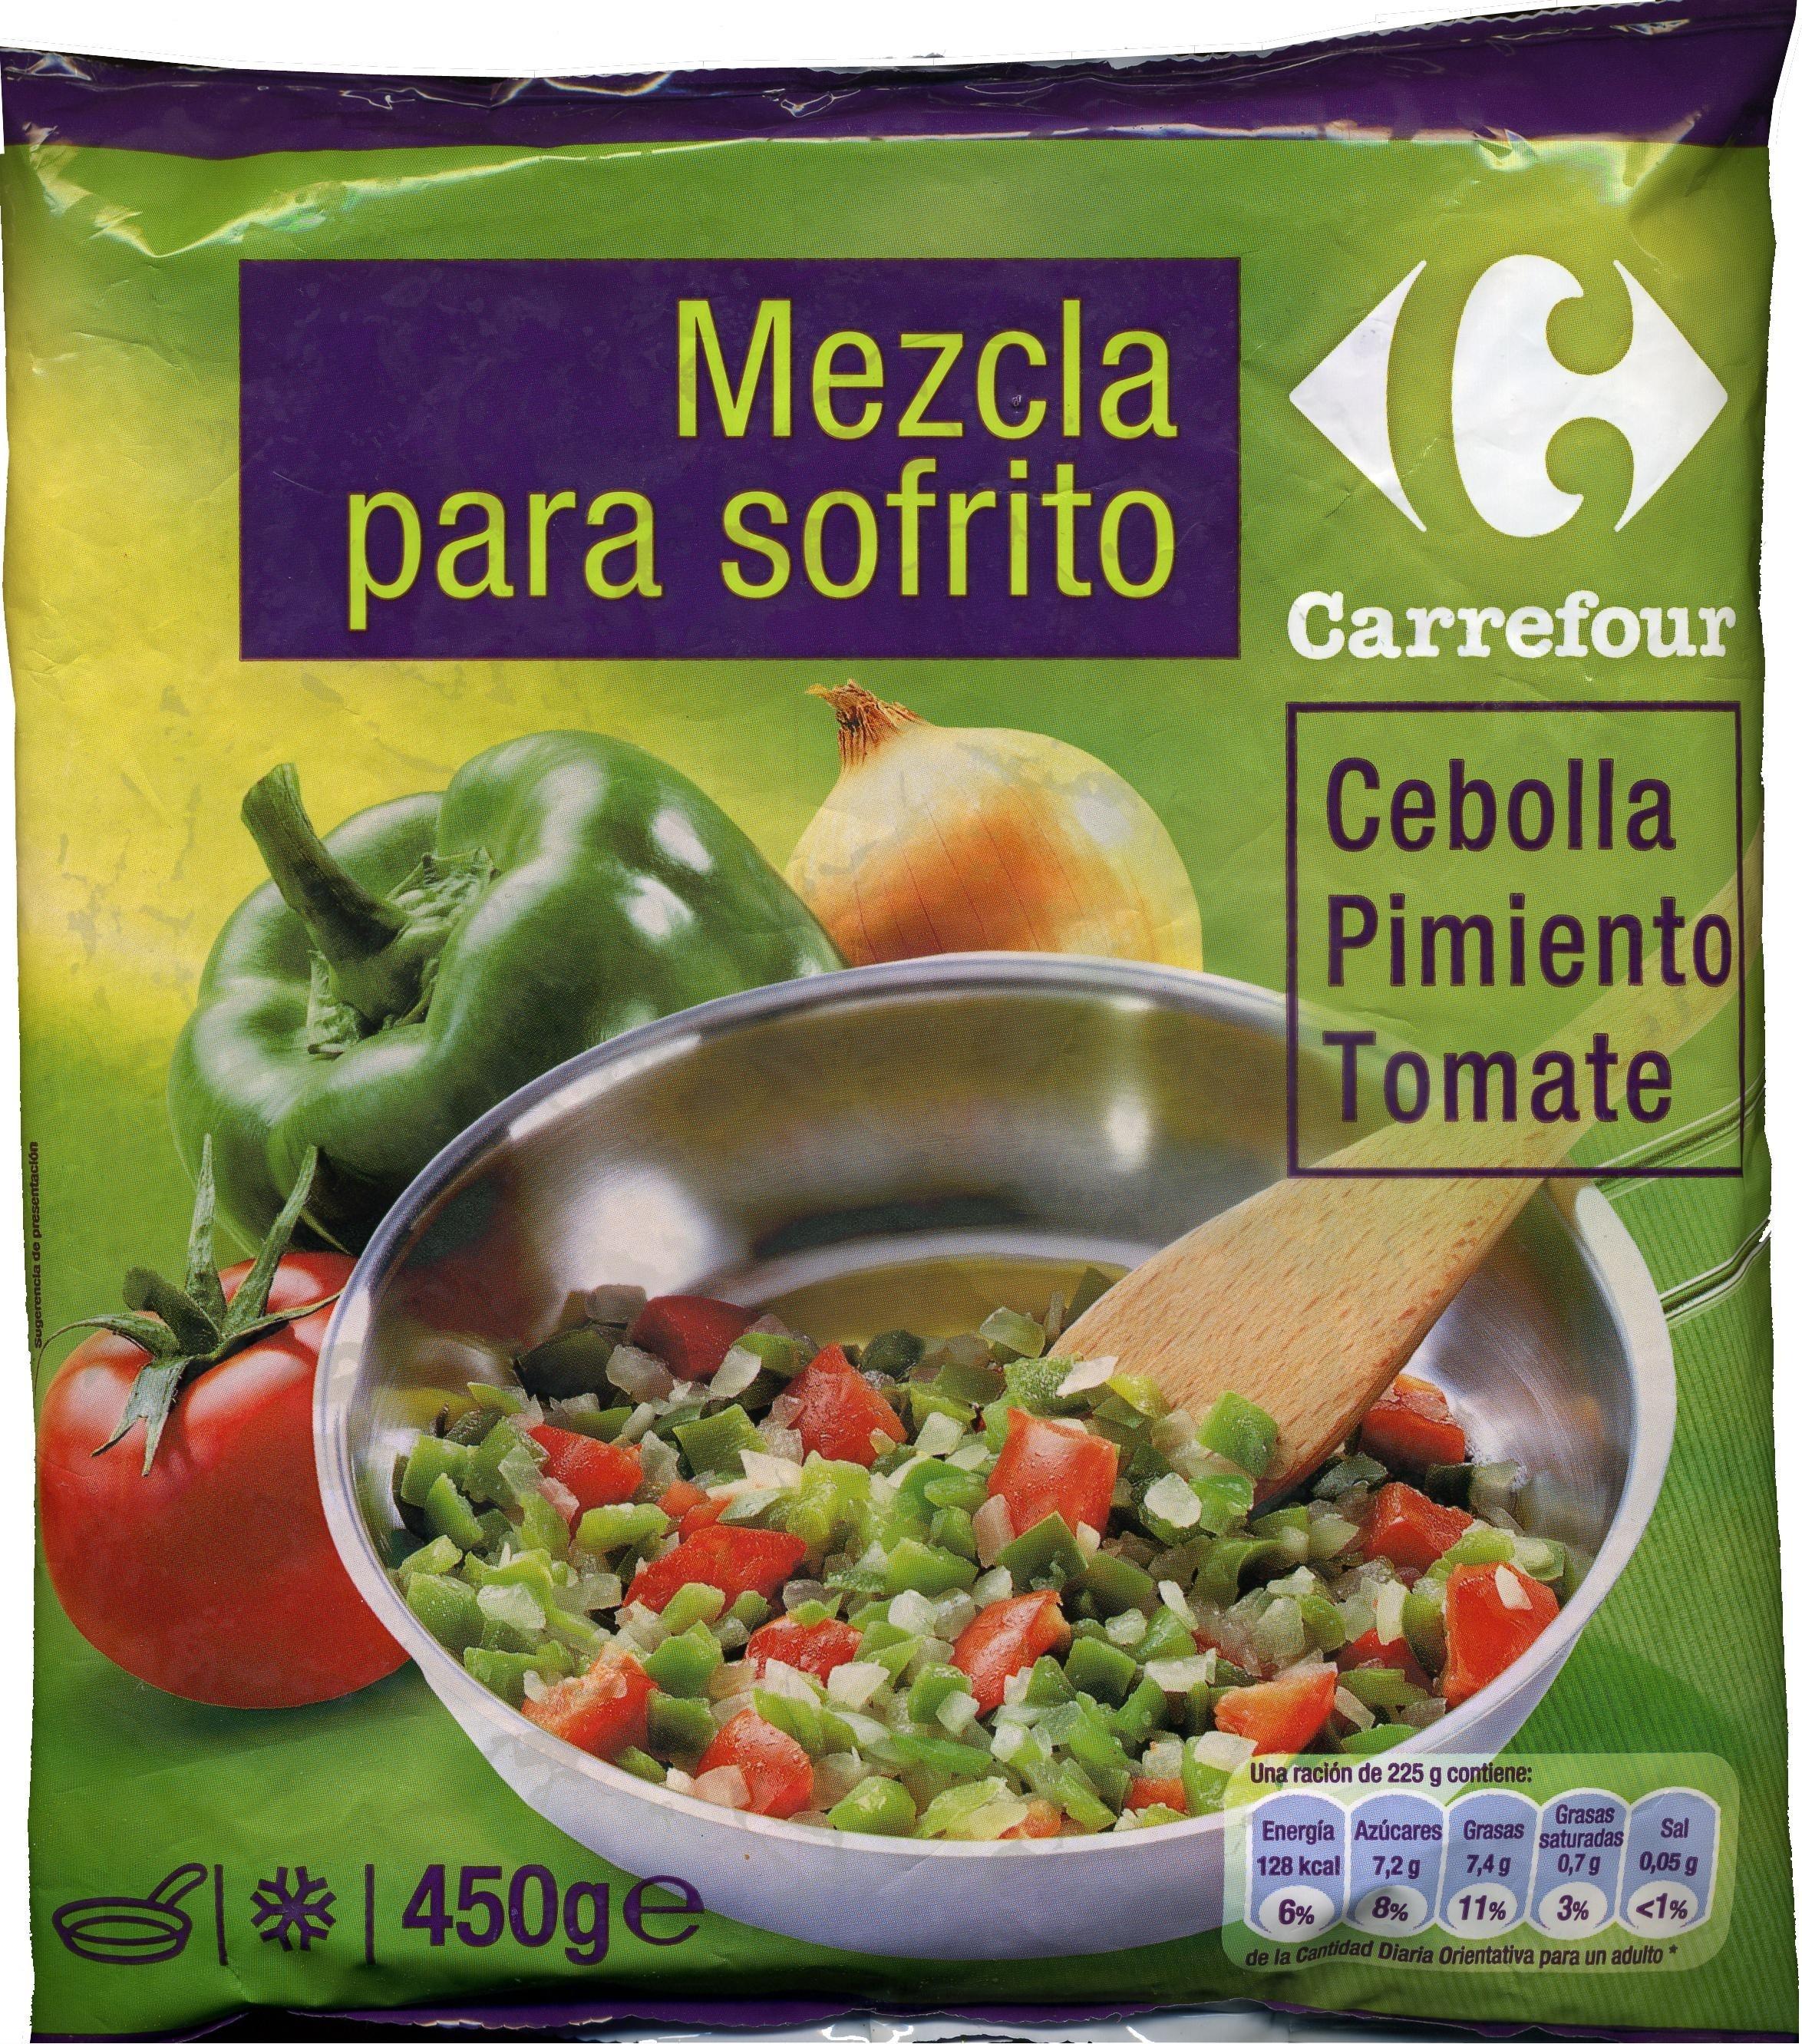 Mezcla de hortalizas para sofrito - Product - es